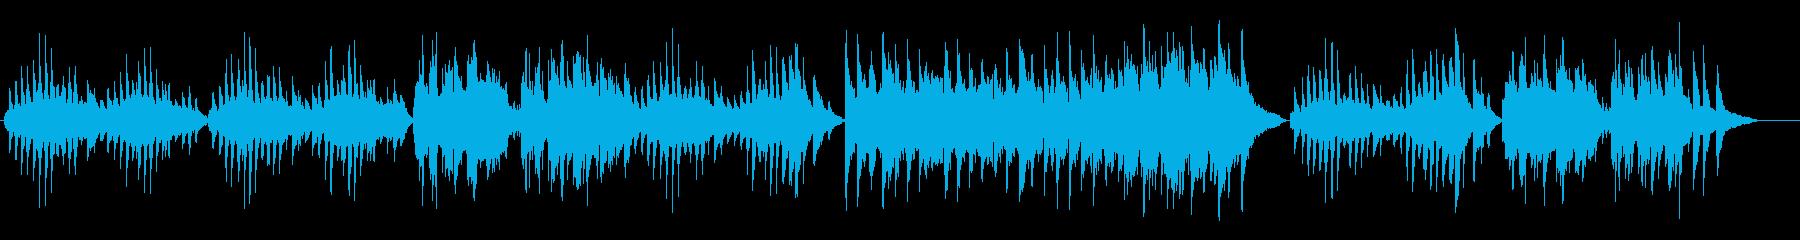 ドヴォルザーク/ユモレスク_ヴァイオリンの再生済みの波形